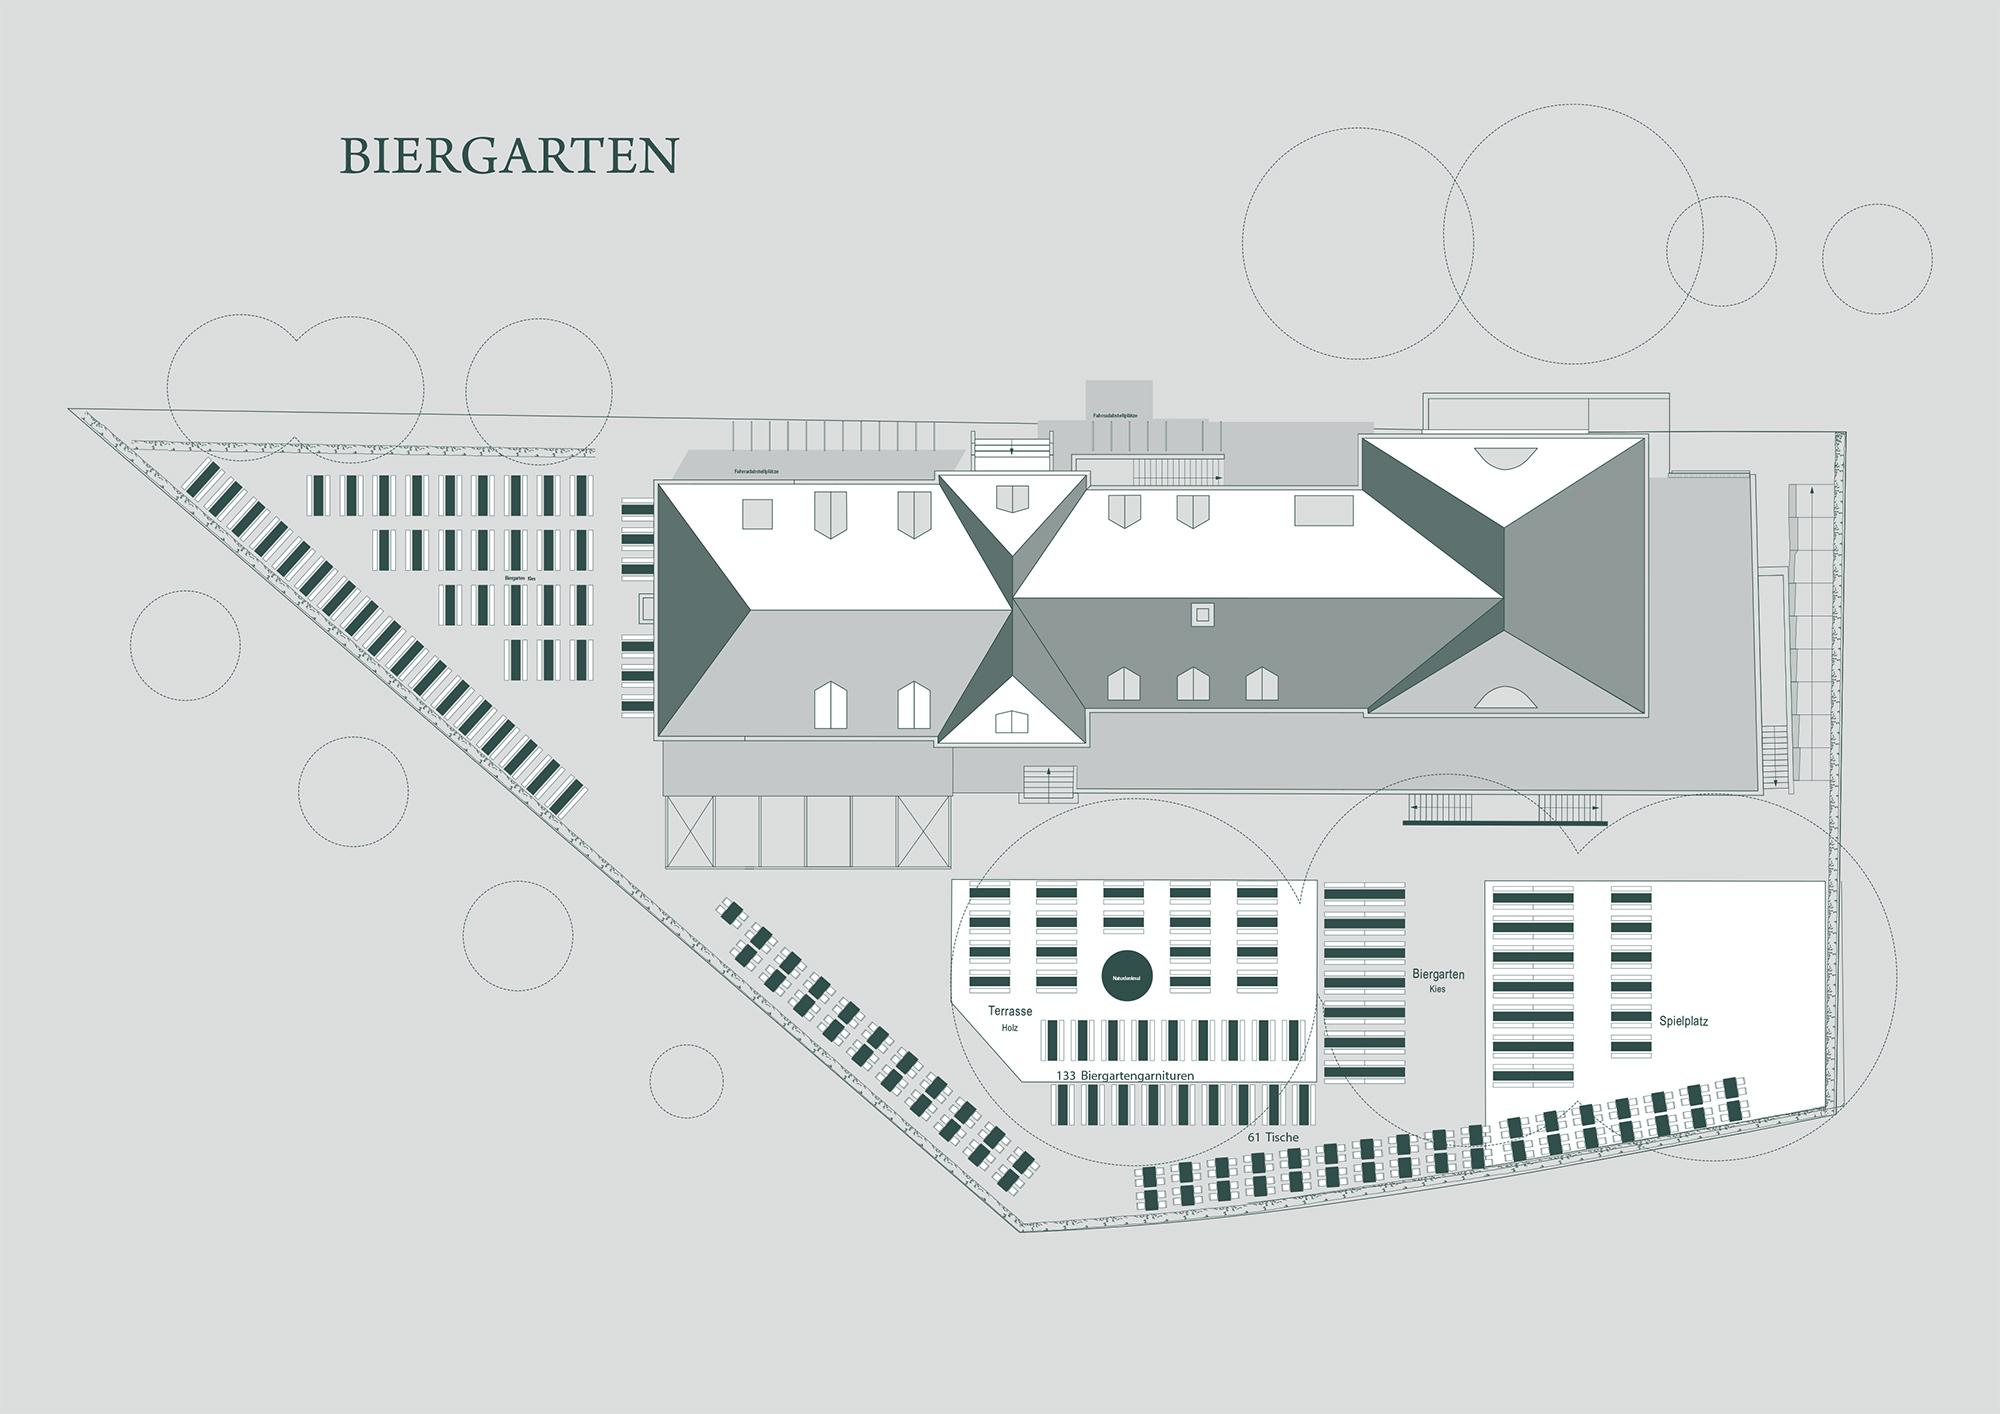 Raumplan Biergarten Zollpackhof